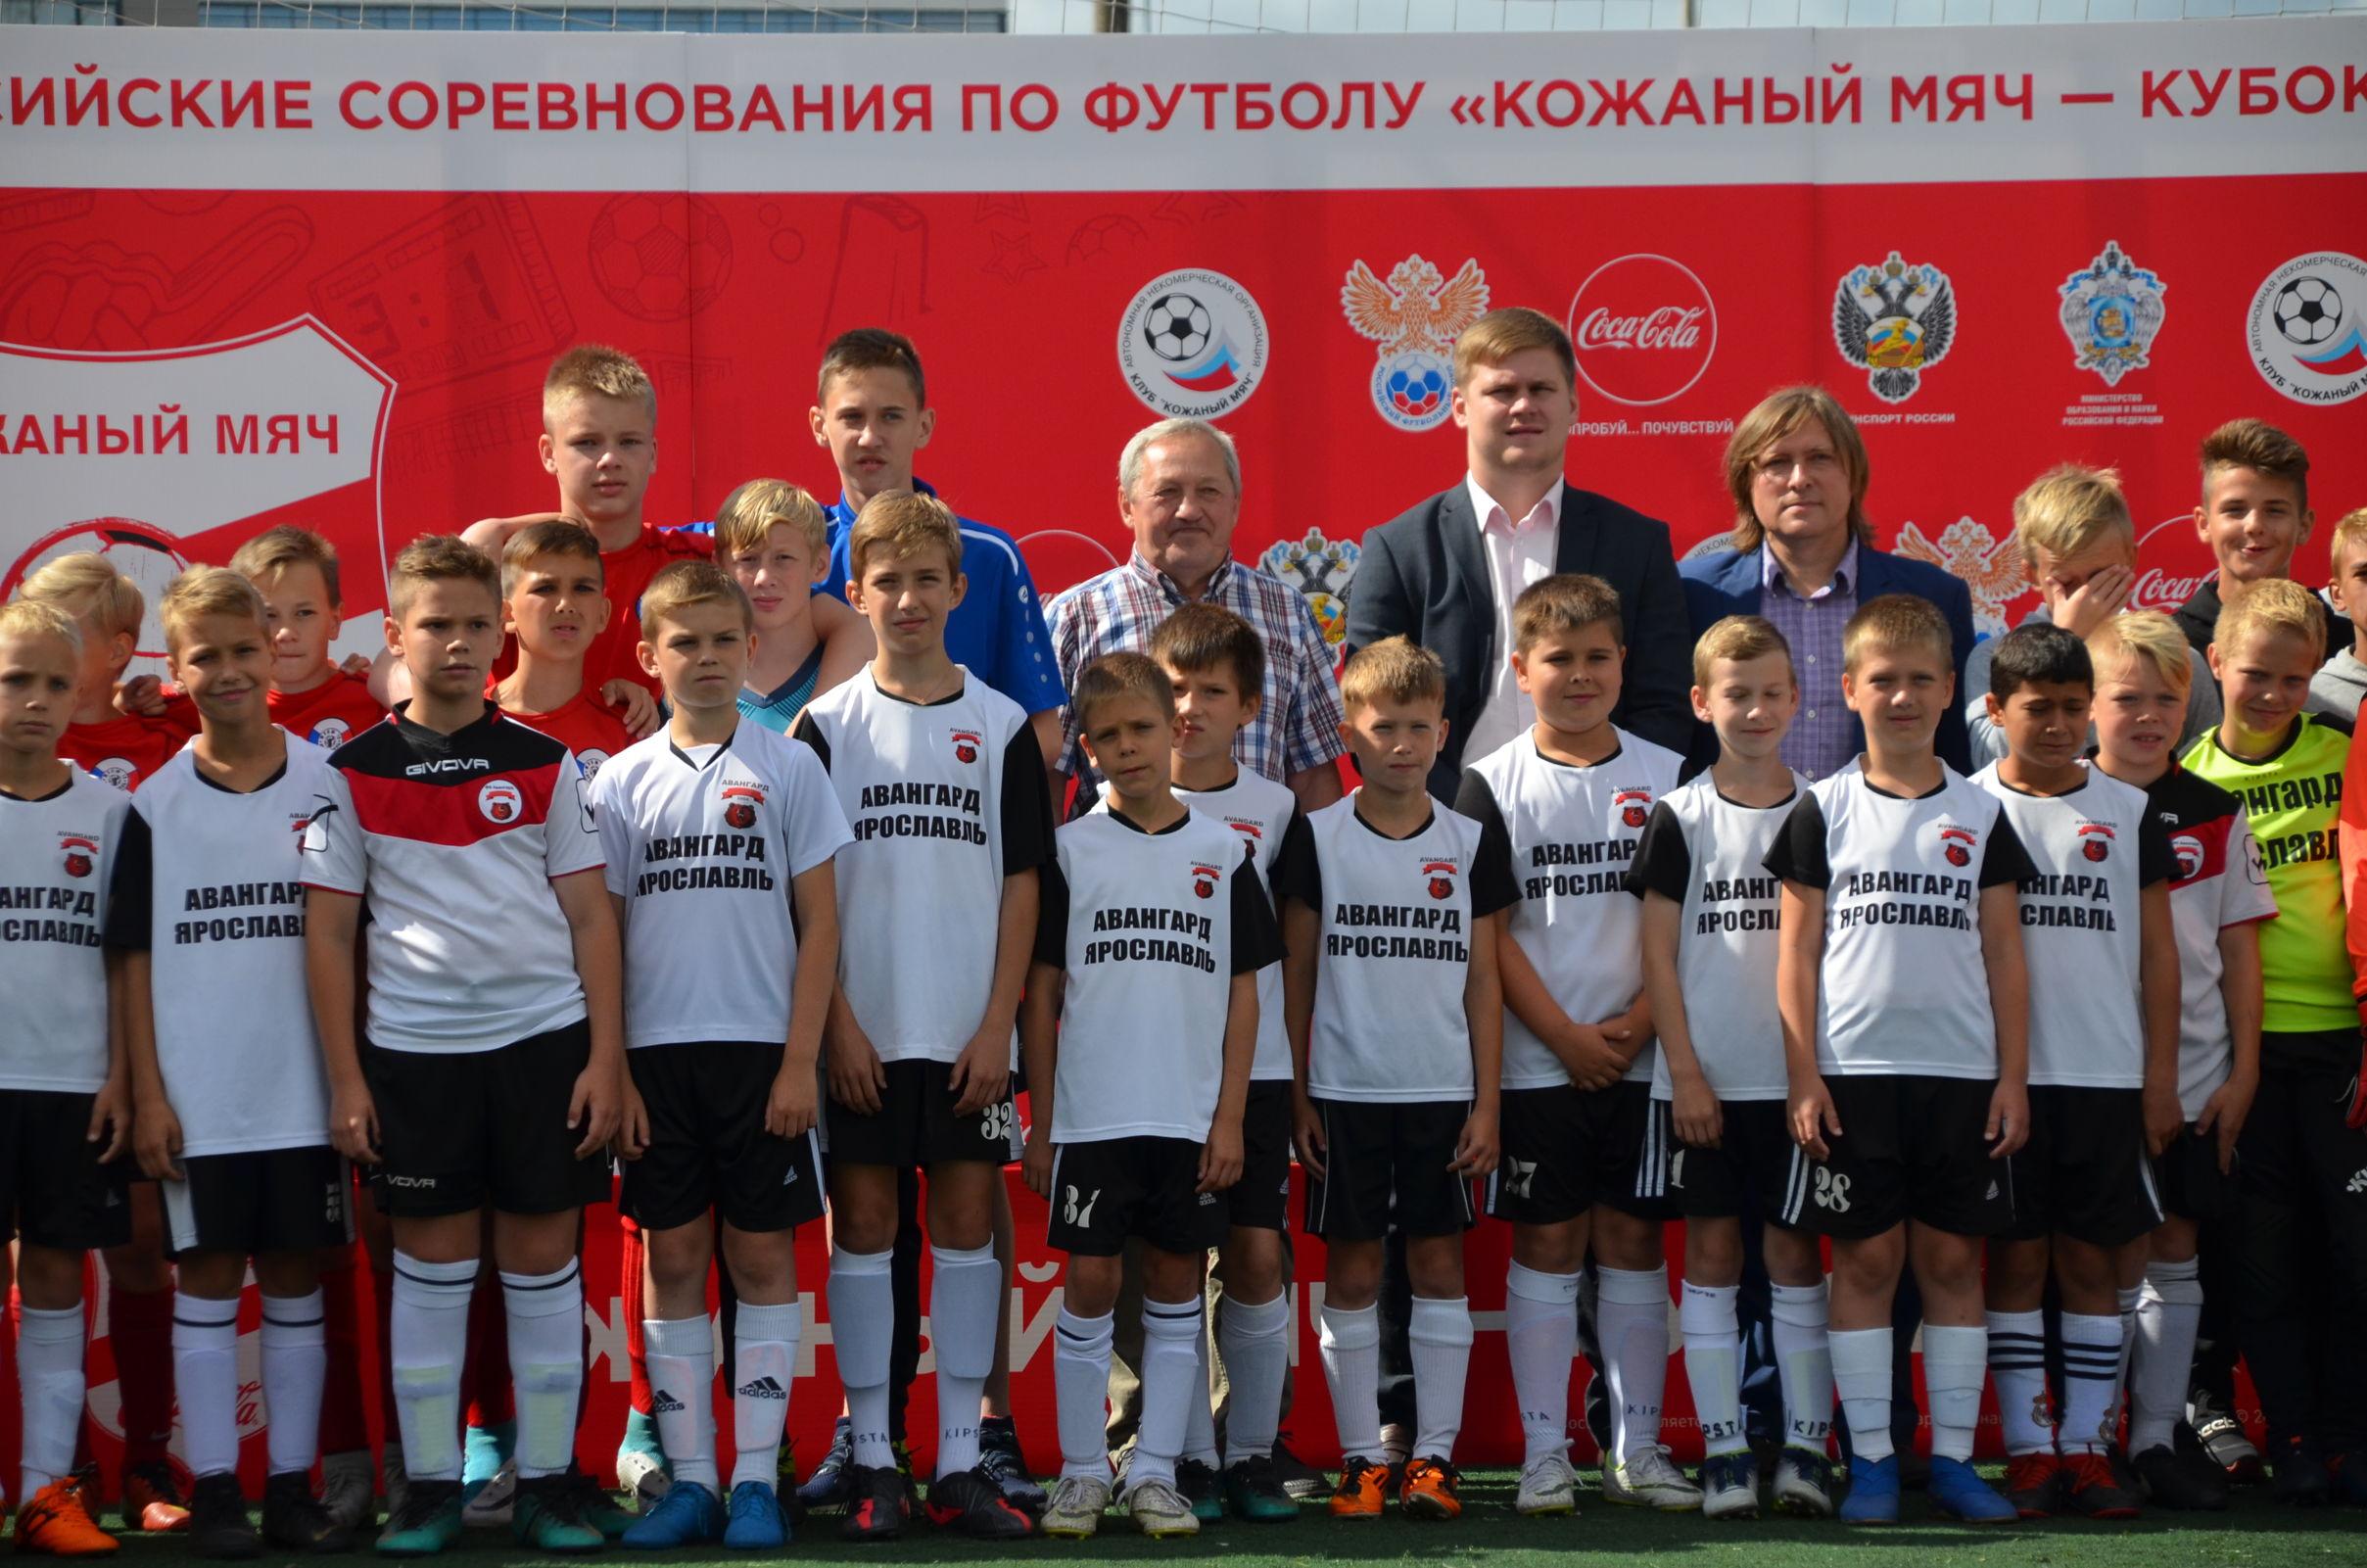 Ярославцы одержали тройную победу в финале турнира «Кожаный мяч»